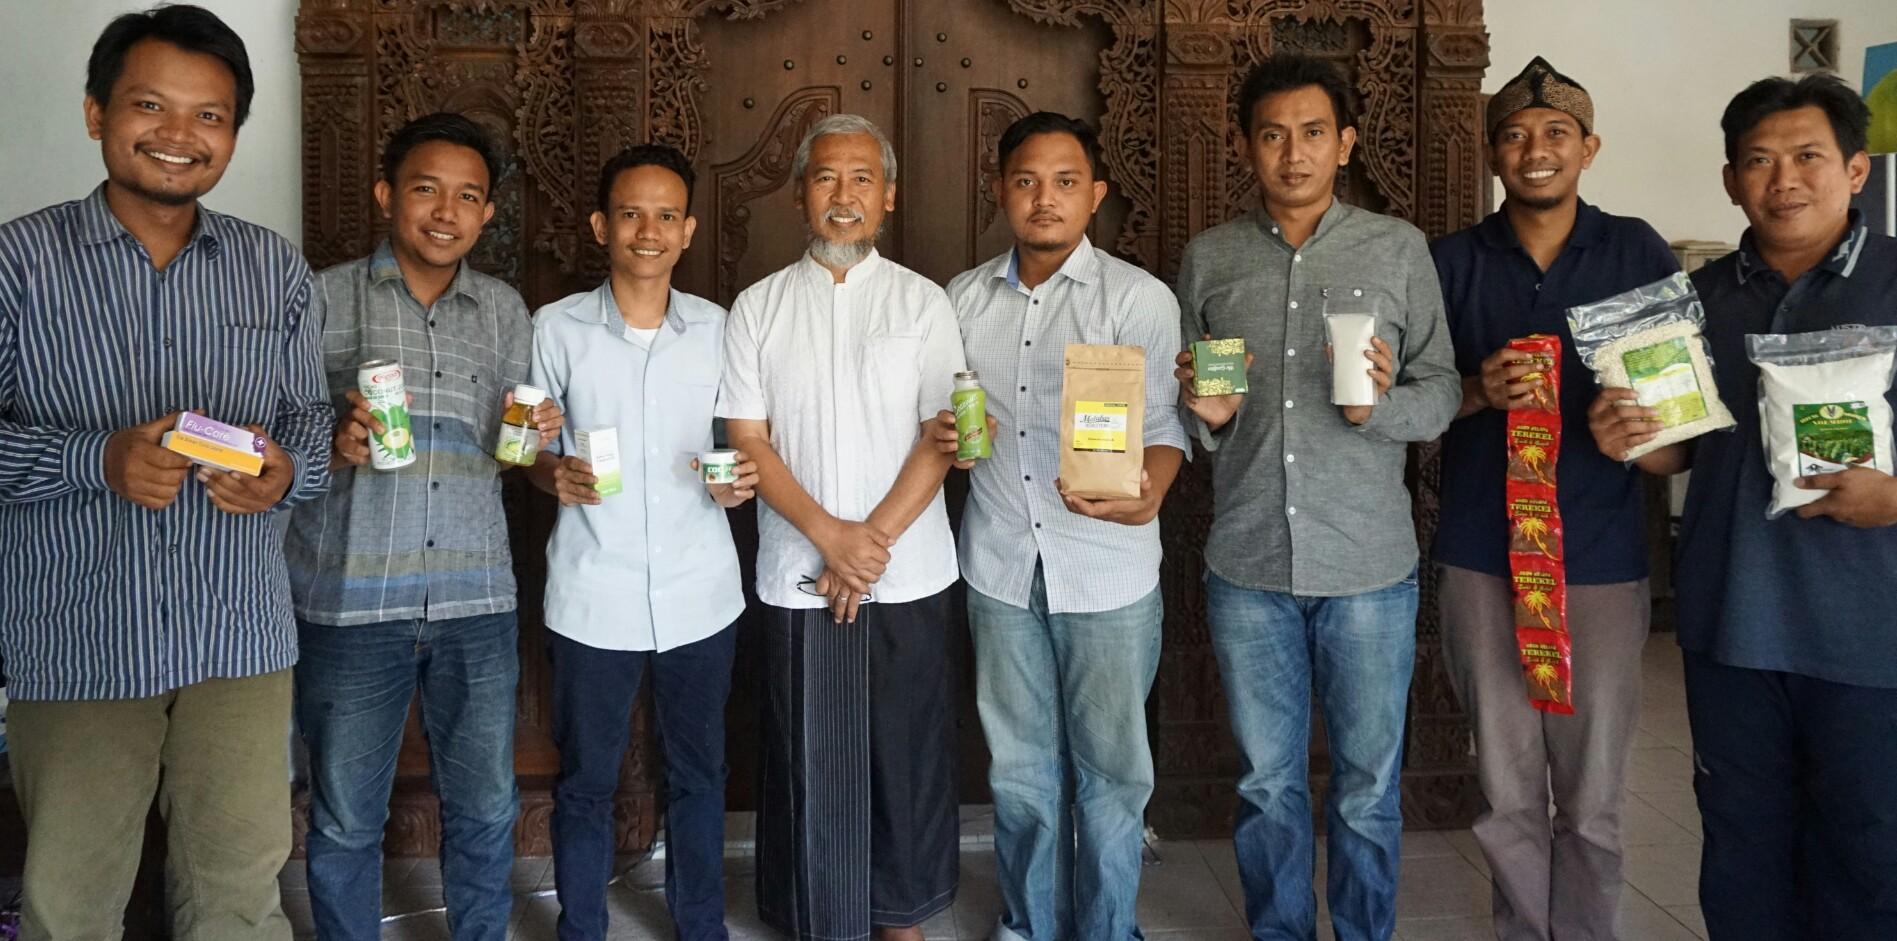 Bersama Pemuda Dan Mahasiswa Inhil, Profesor Wisnu Gardjito Komitmen Terjun Langsung Edukasi Petani Kelapa